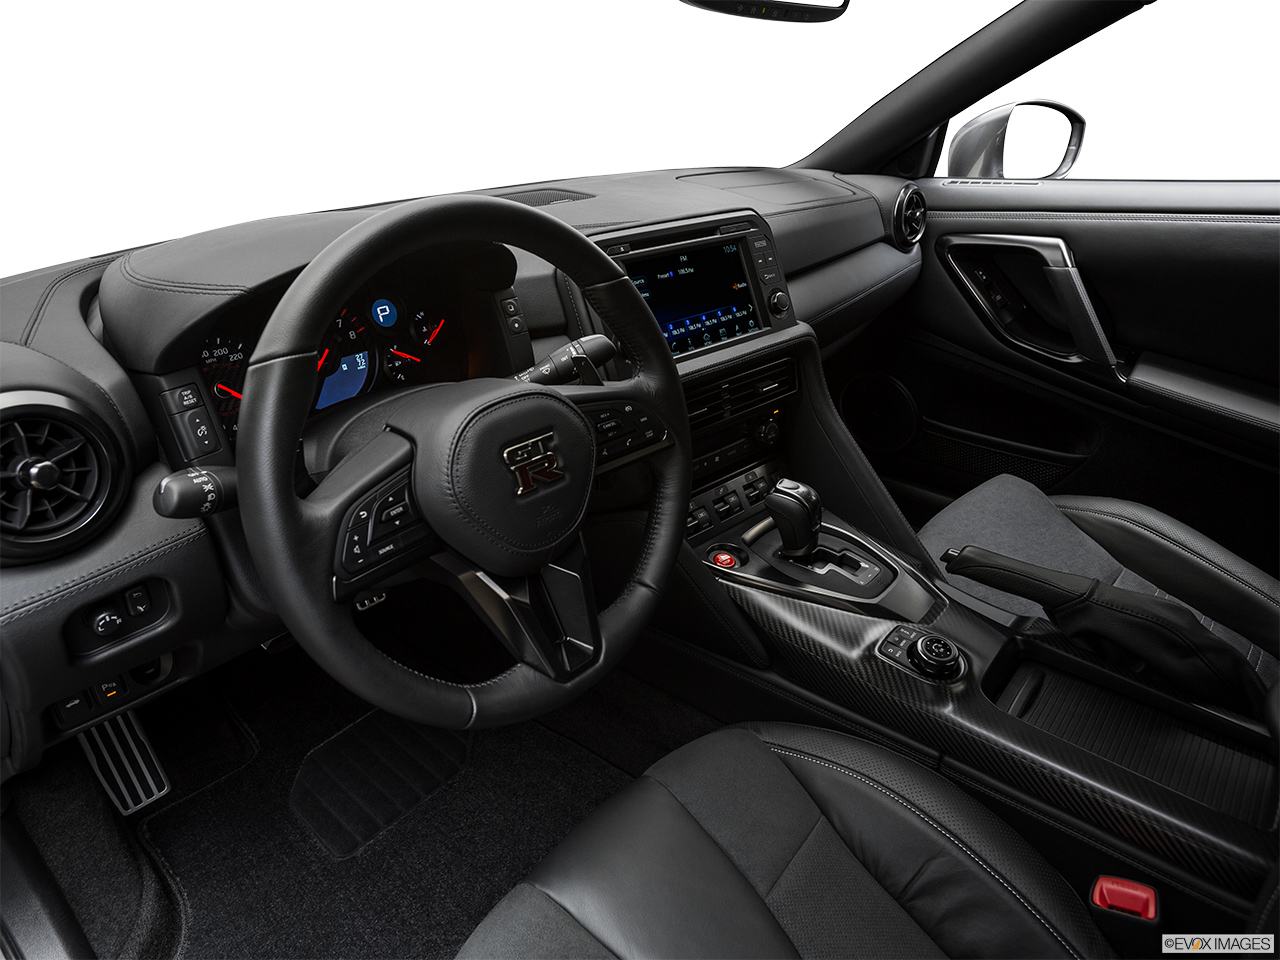 نيسان جي تي آر 2021 Nismo في الإمارات أسعار السيارات الجديدة المواصفات تقارير وصور يللا موتور